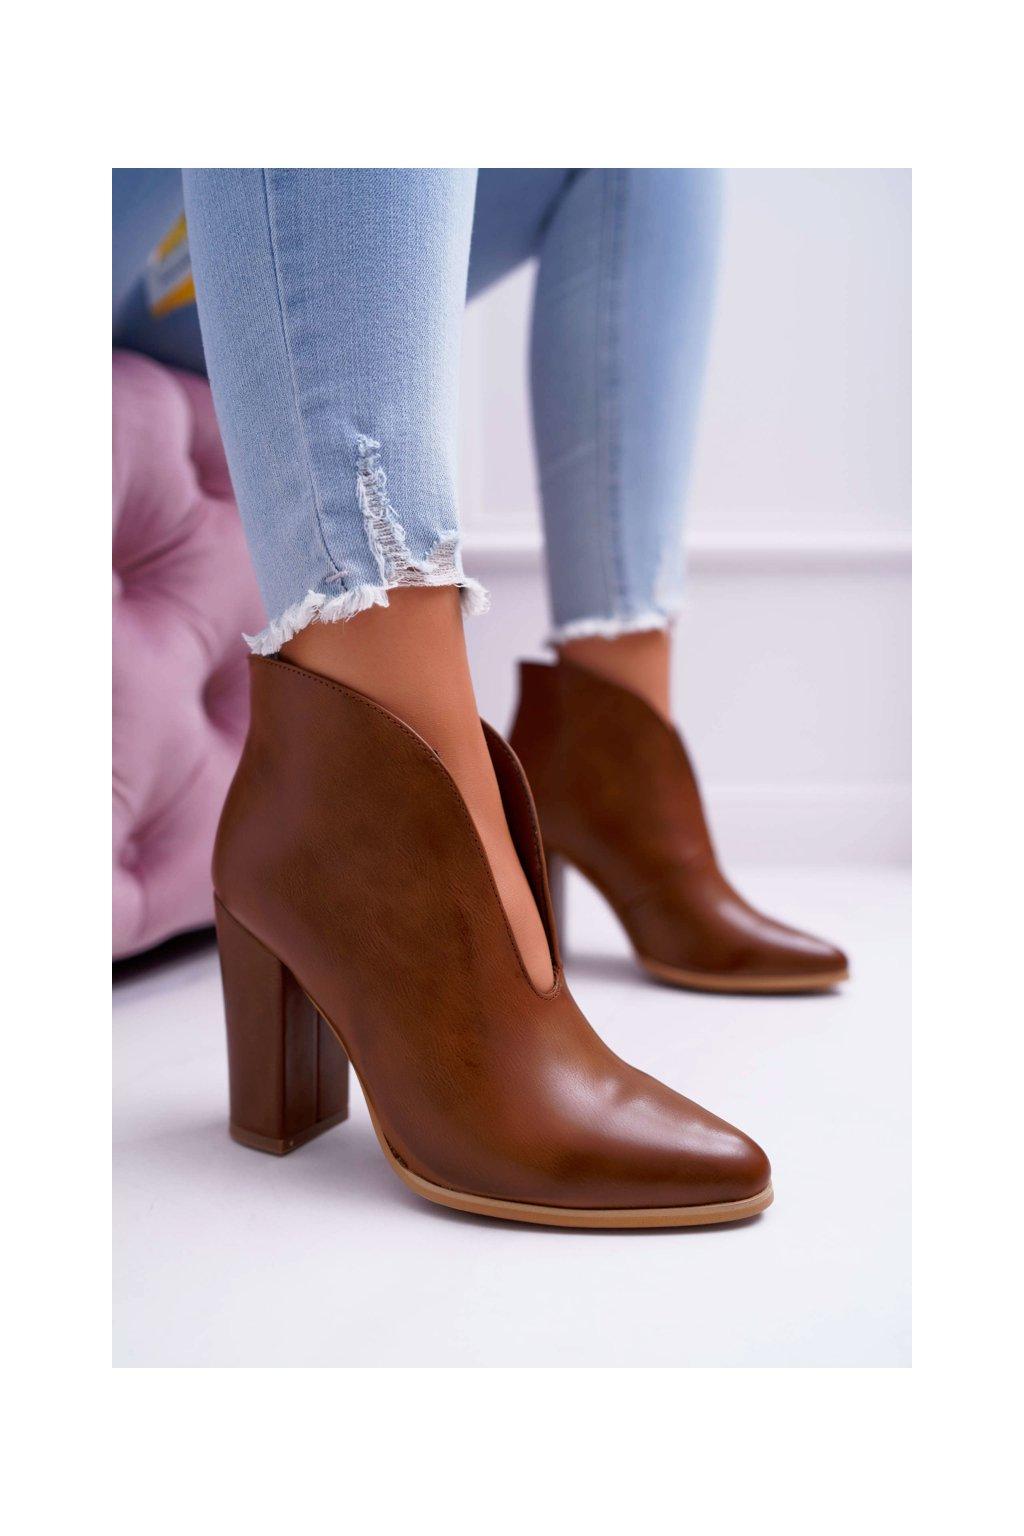 Dámske členkové topánky na podpätku Slip-on s Výřezy hnedé Mantana